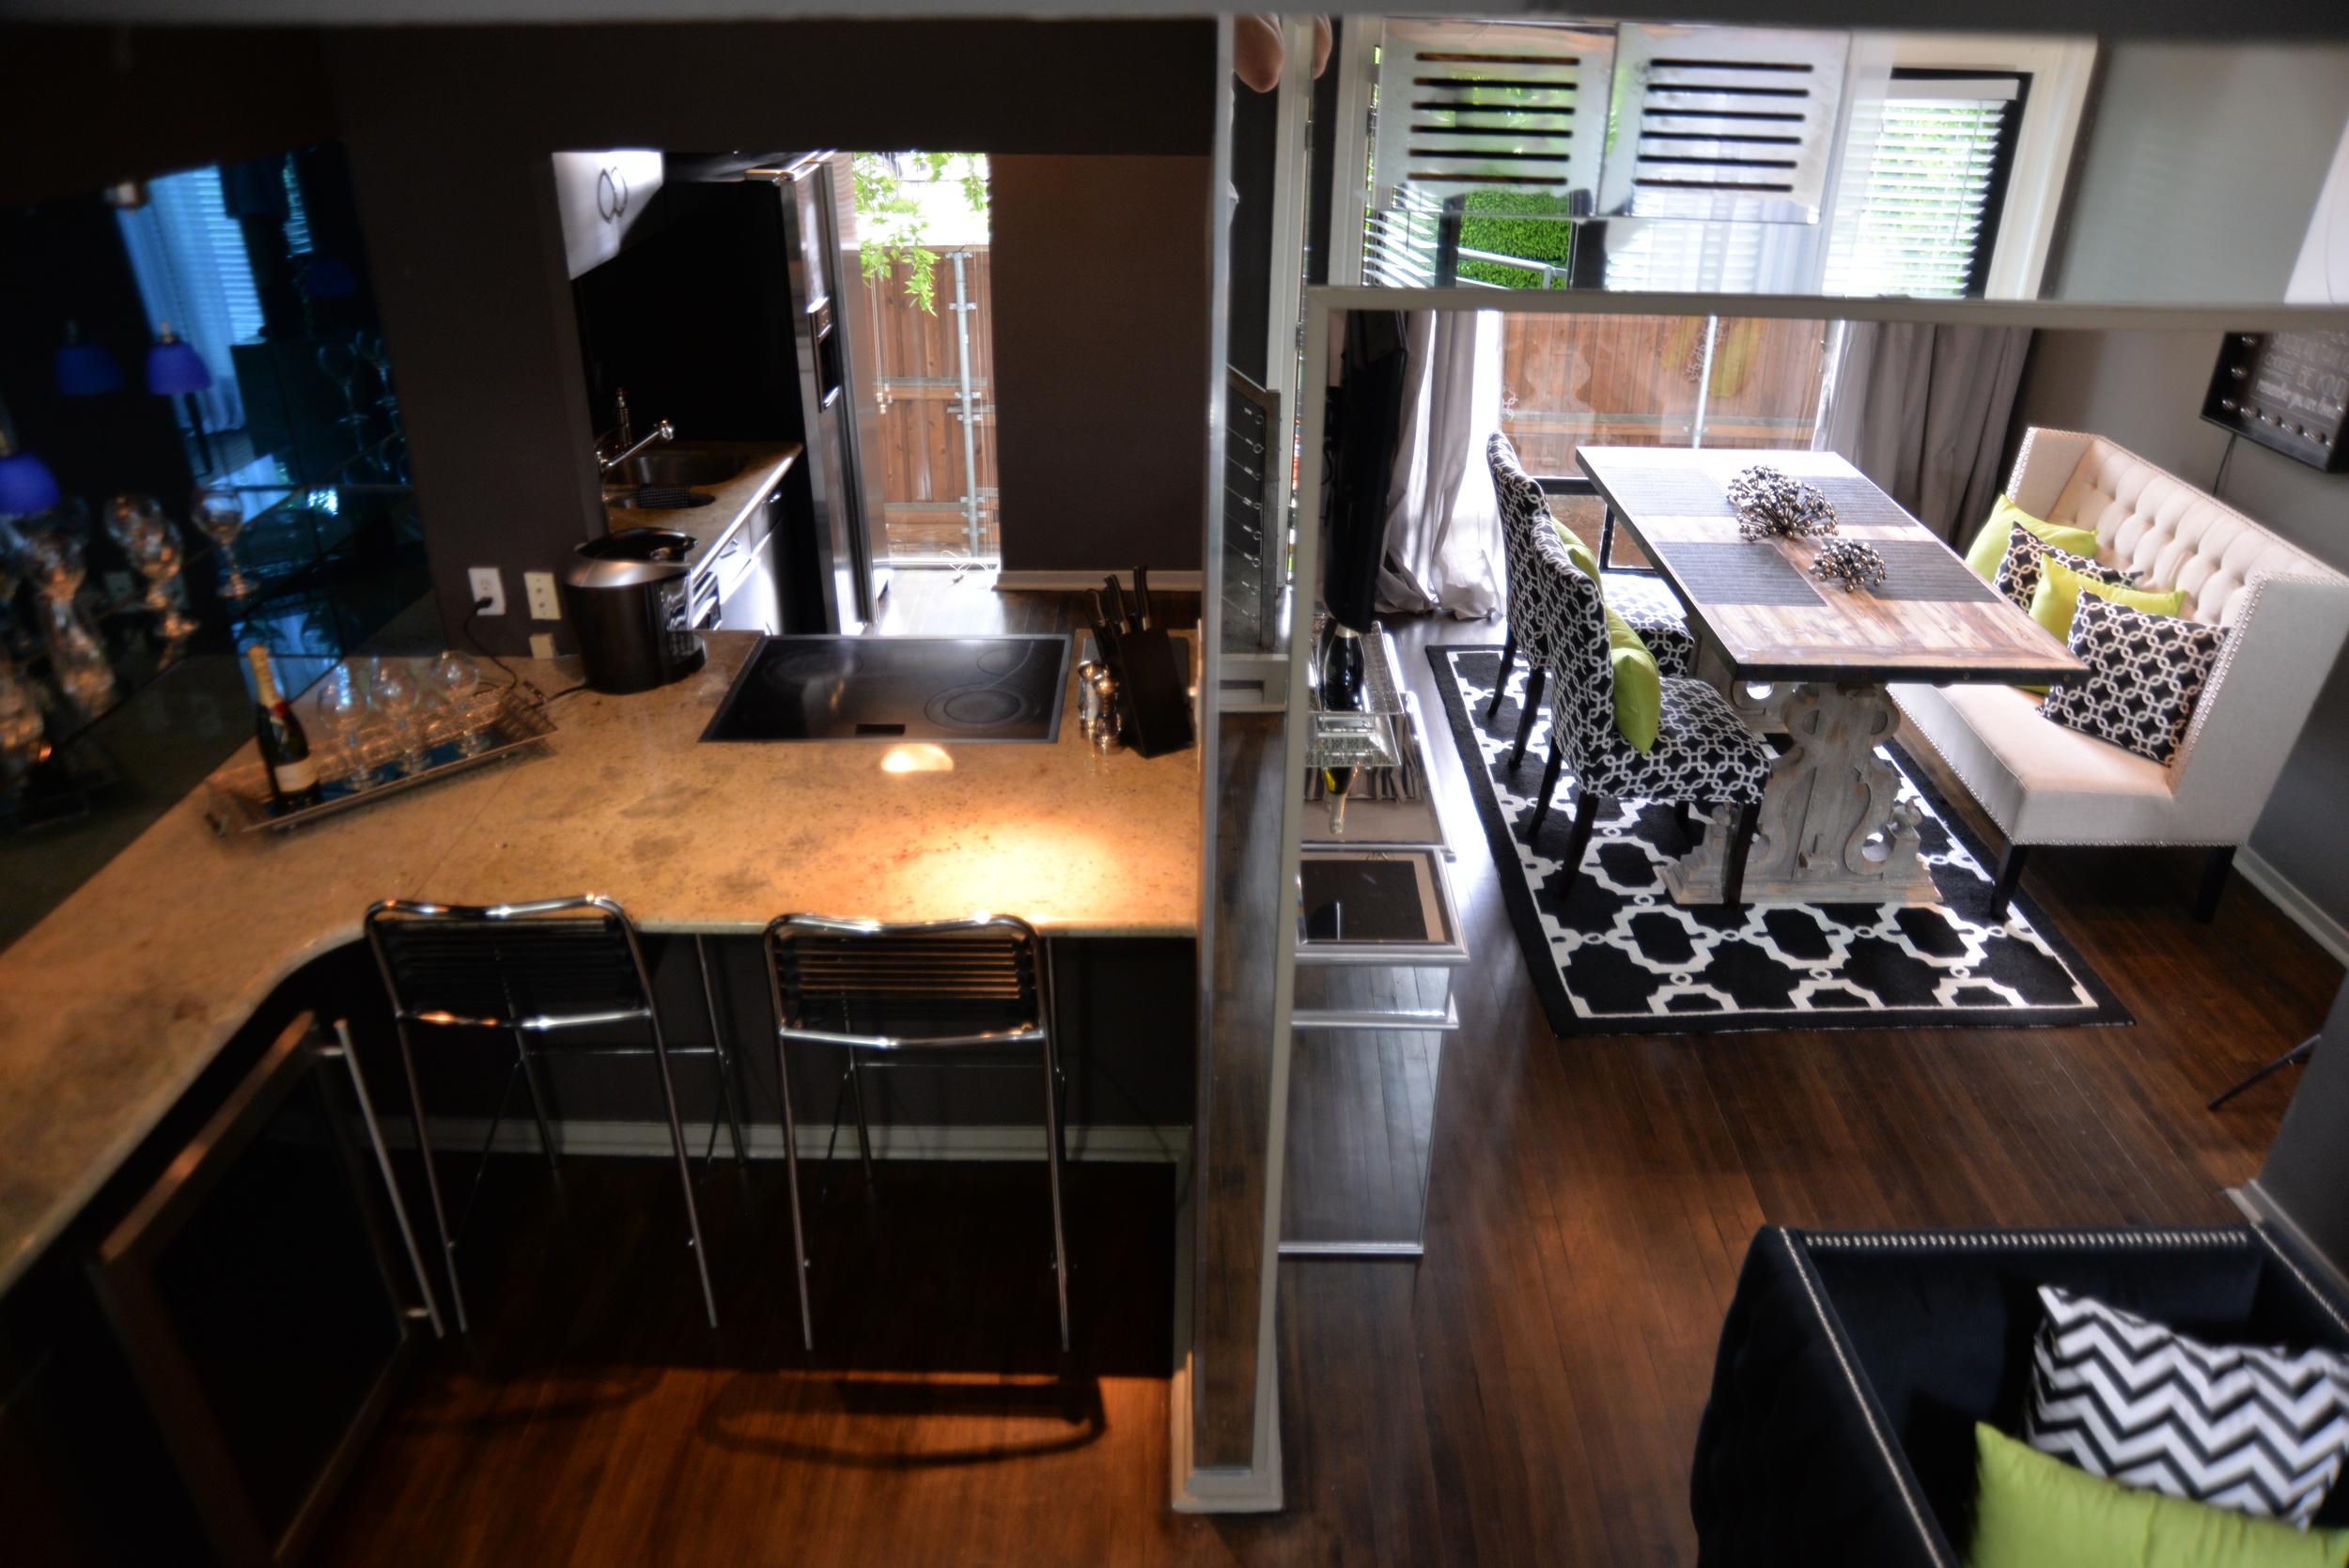 6011 13-024 (CONGA 1 - 1.5) Kitchen.JPG